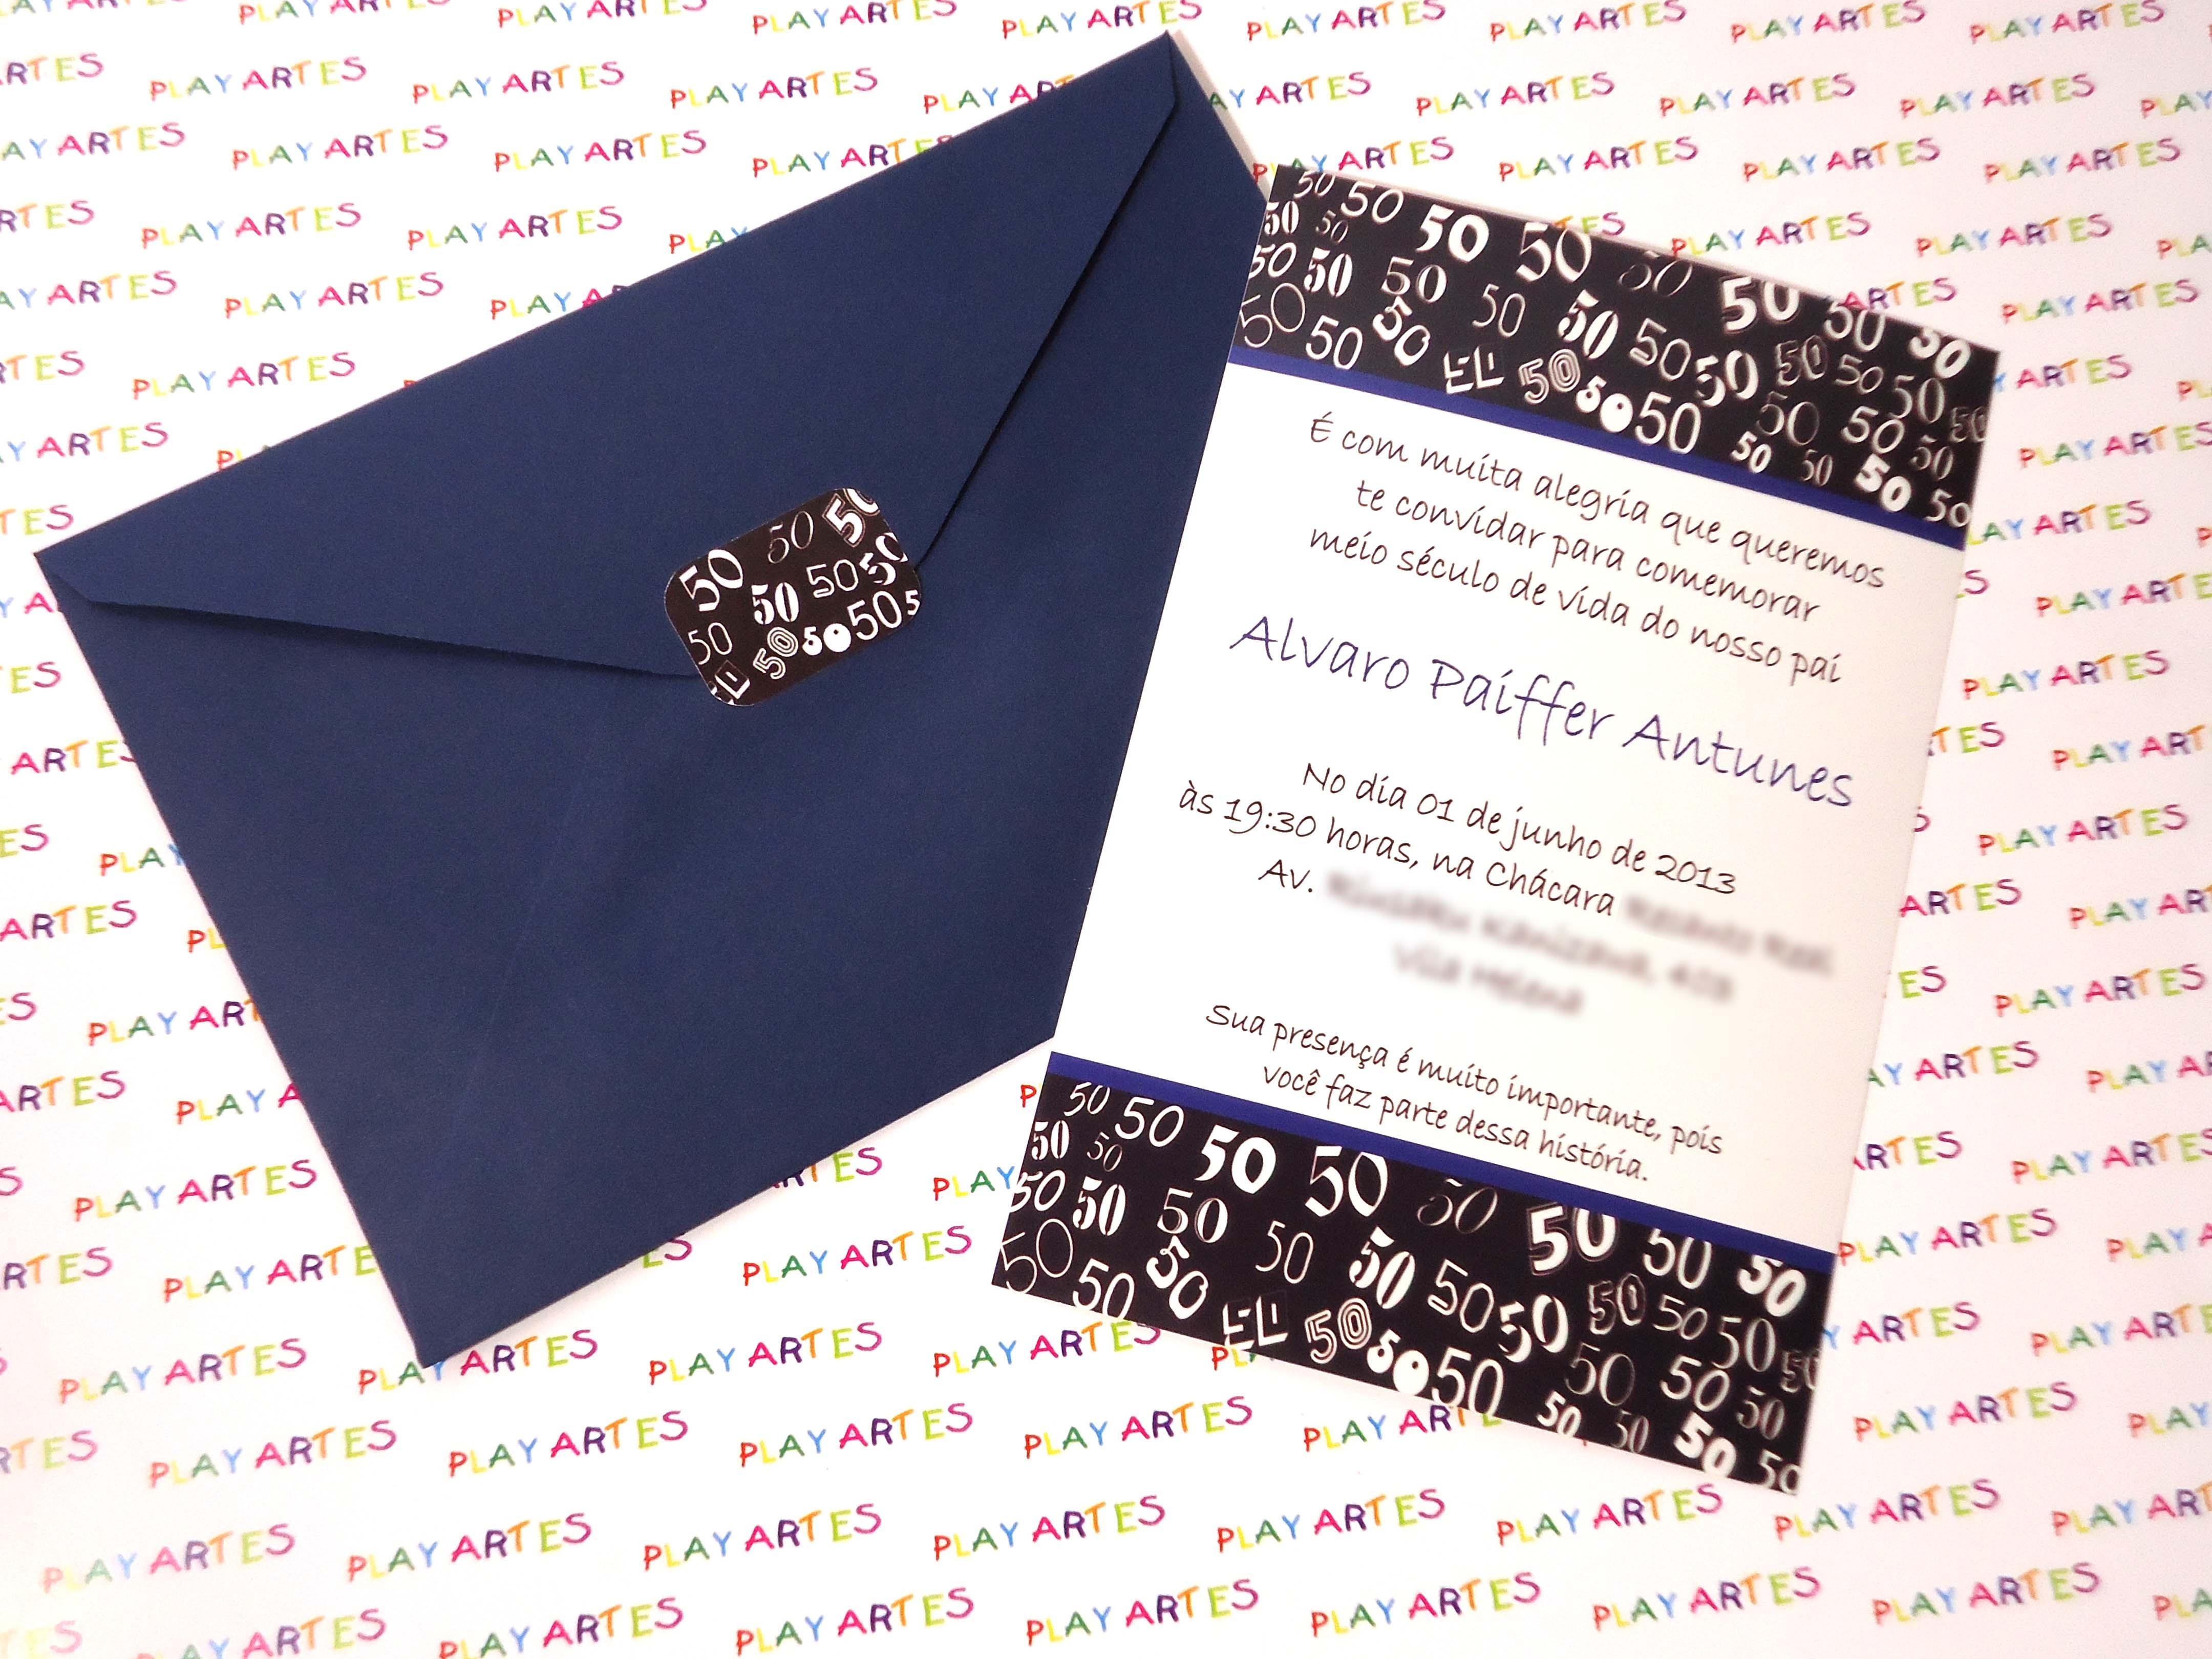 Convite de Aniversario 50 Anos Feminino Convite de 50 Anos | Elo7